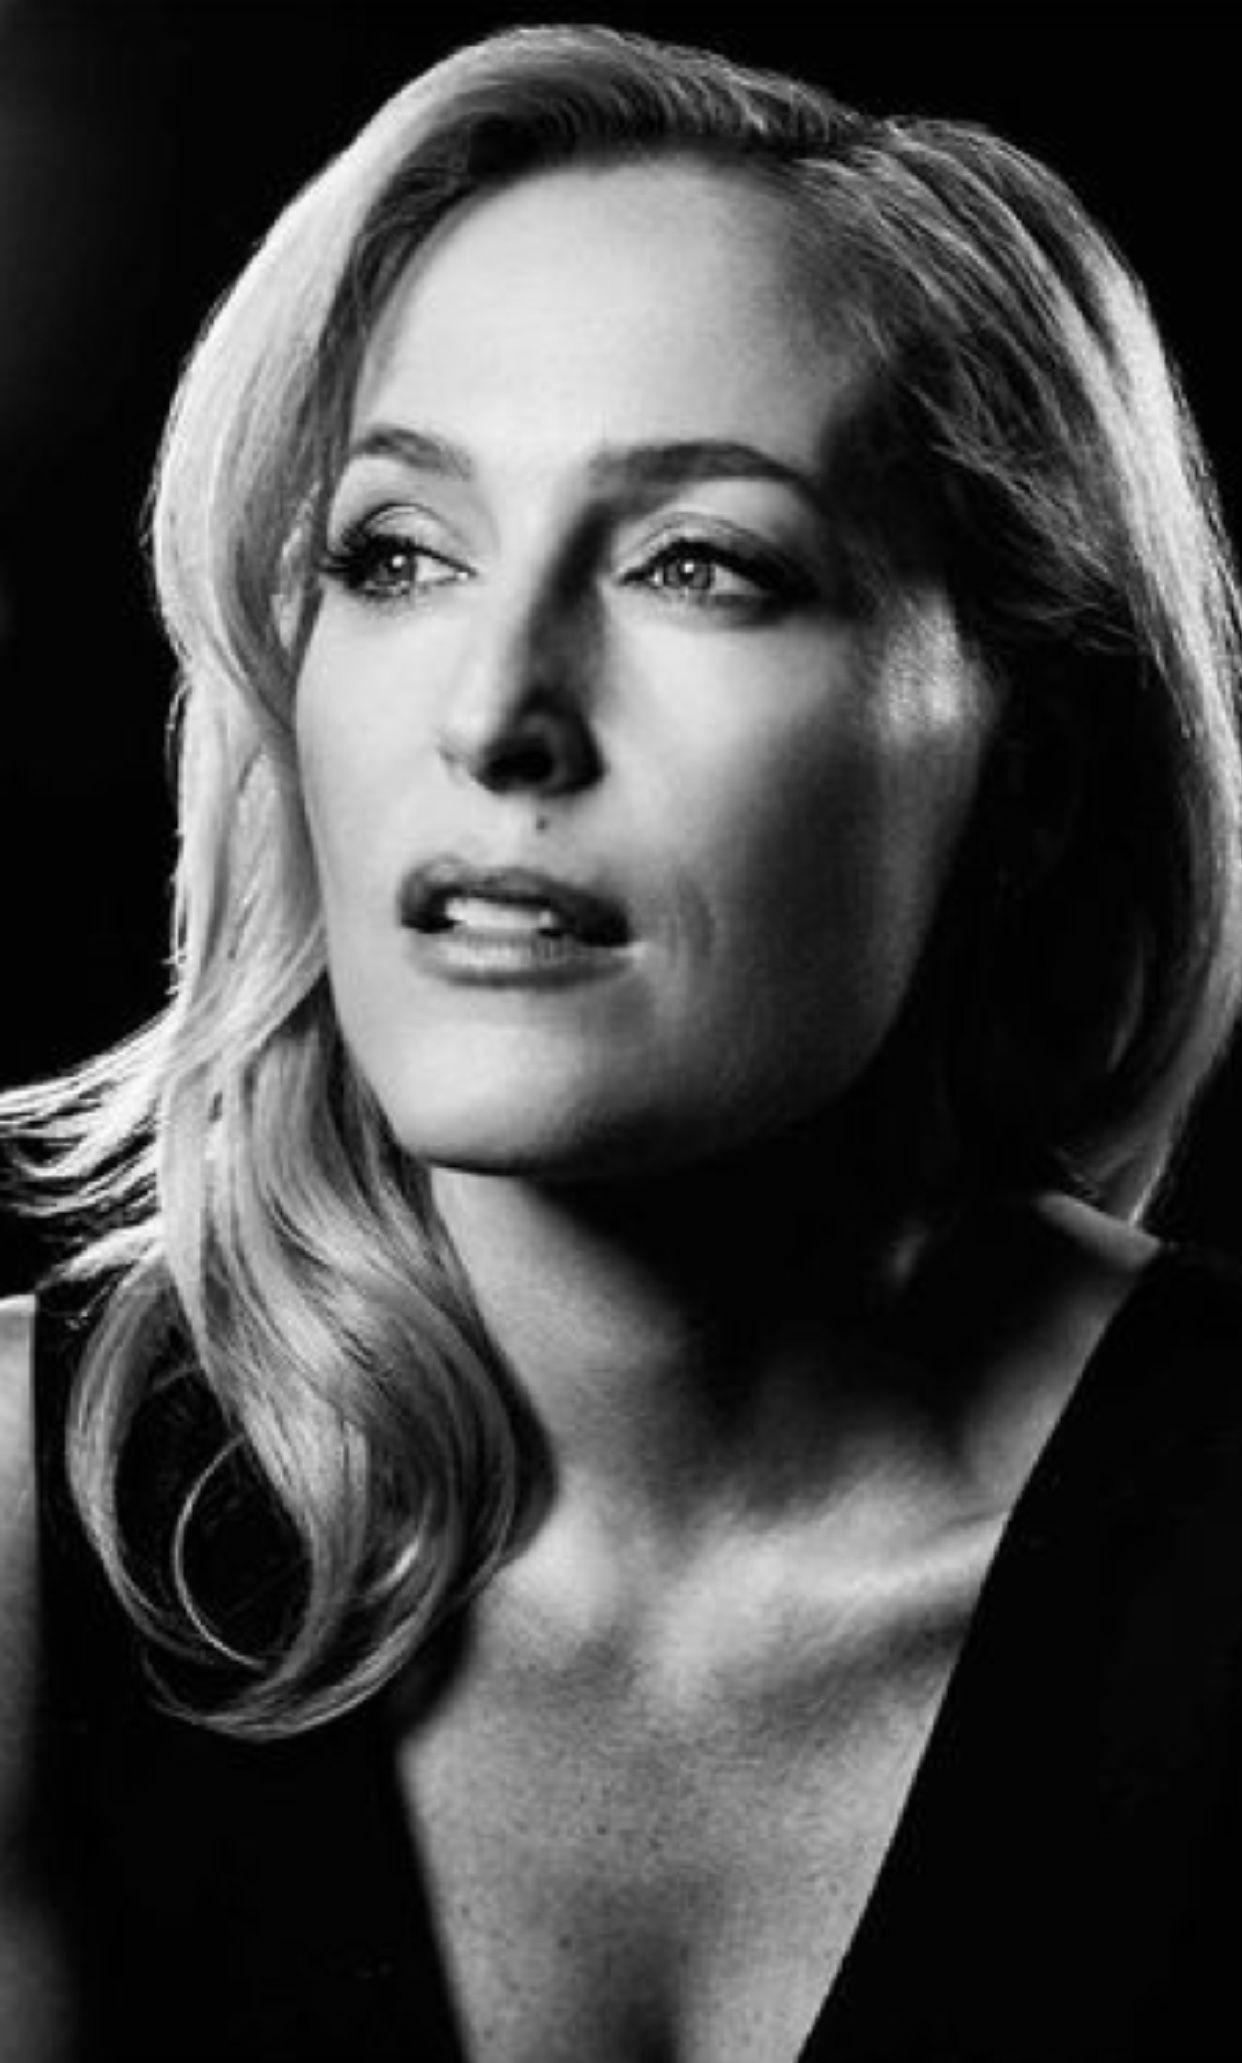 photo Gillian Anderson (born 1968 (American-British